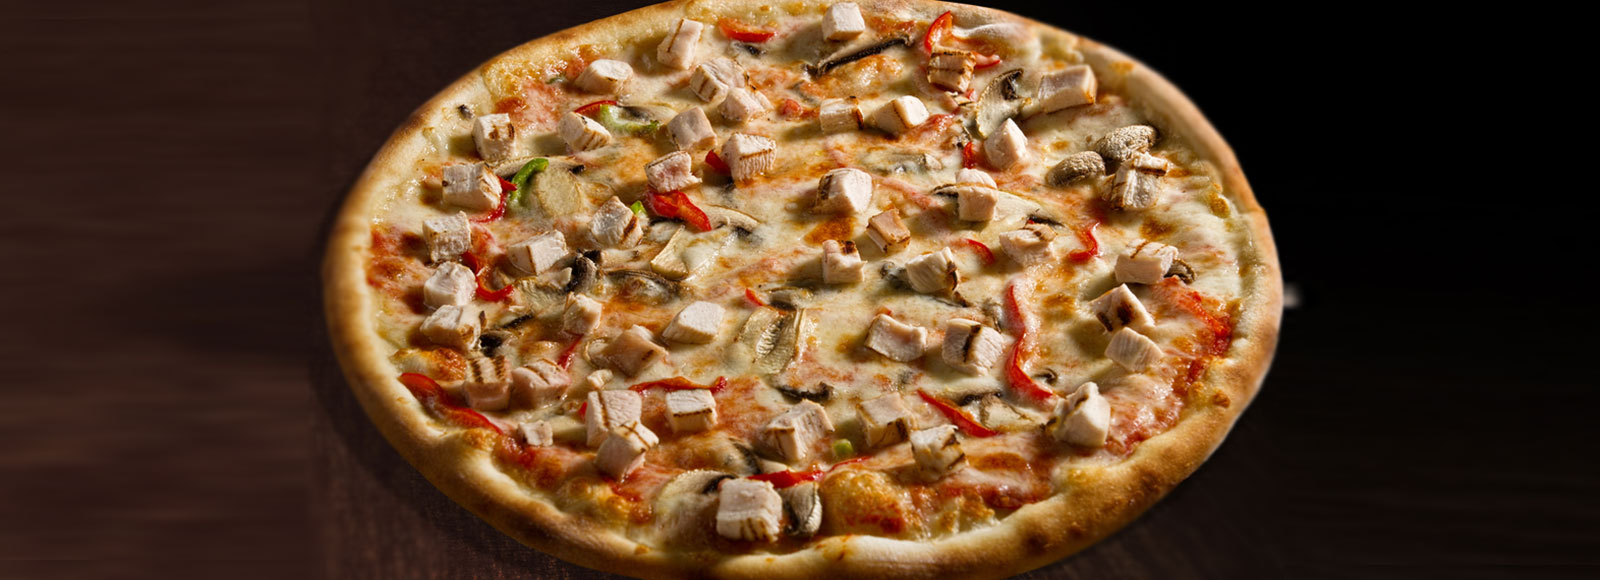 Peppinos Pizza Takeaway Online Ordering In Skelton